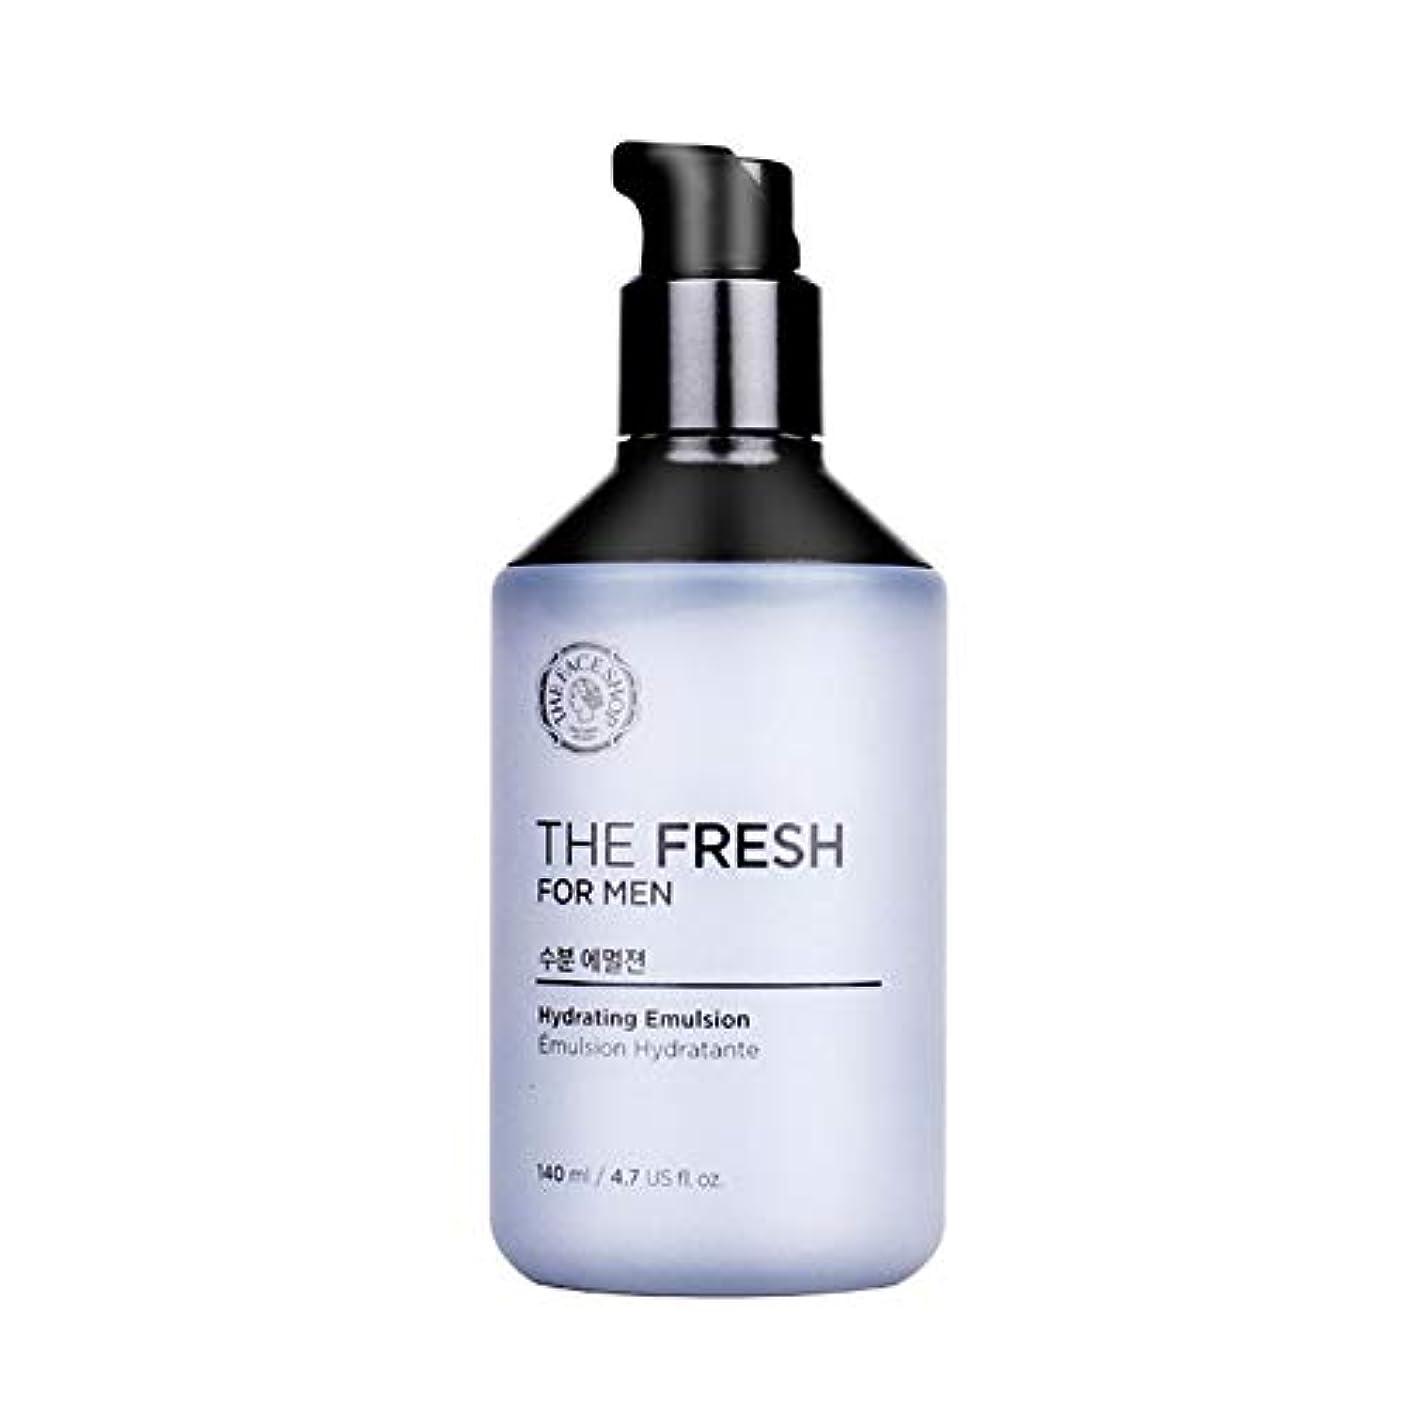 住居密接に飲料ザ?フェイスショップザ?フレッシュフォーマン水分エマルジョン140mlメンズコスメ、The Face Shop The Fresh For Men Hydrating Emulsion 140ml Men's Cosmetics...